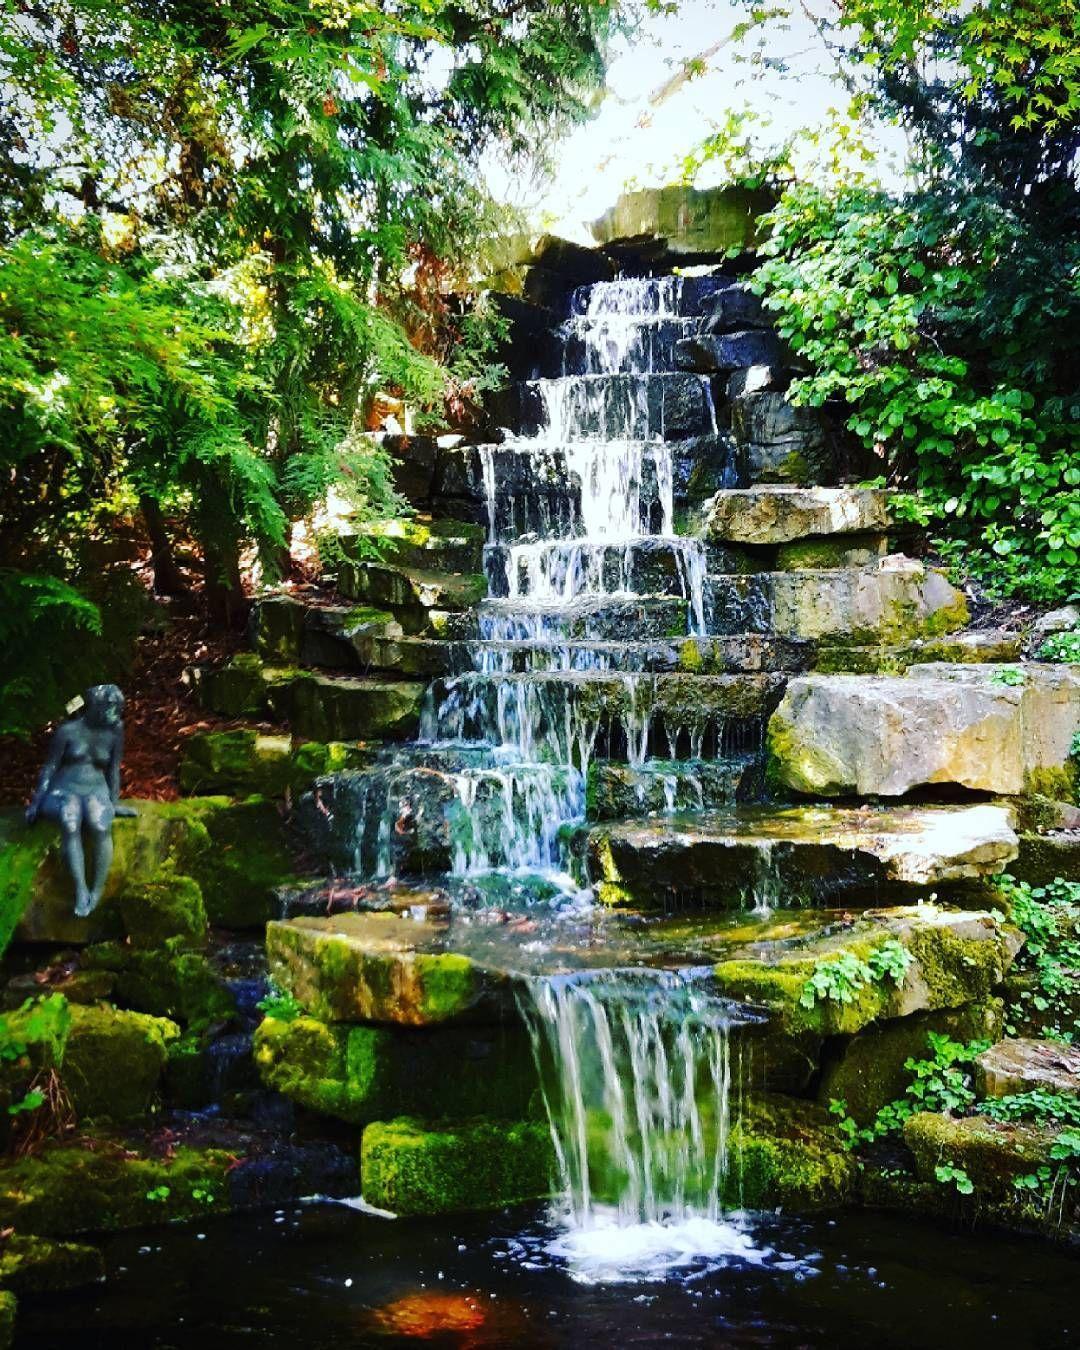 159pm Apr Germany Inga Instagram Post Utc Im Botanischen Garten Water Waterfall Nature Nature Perfection Natur Instagram Instagram Posts Inga